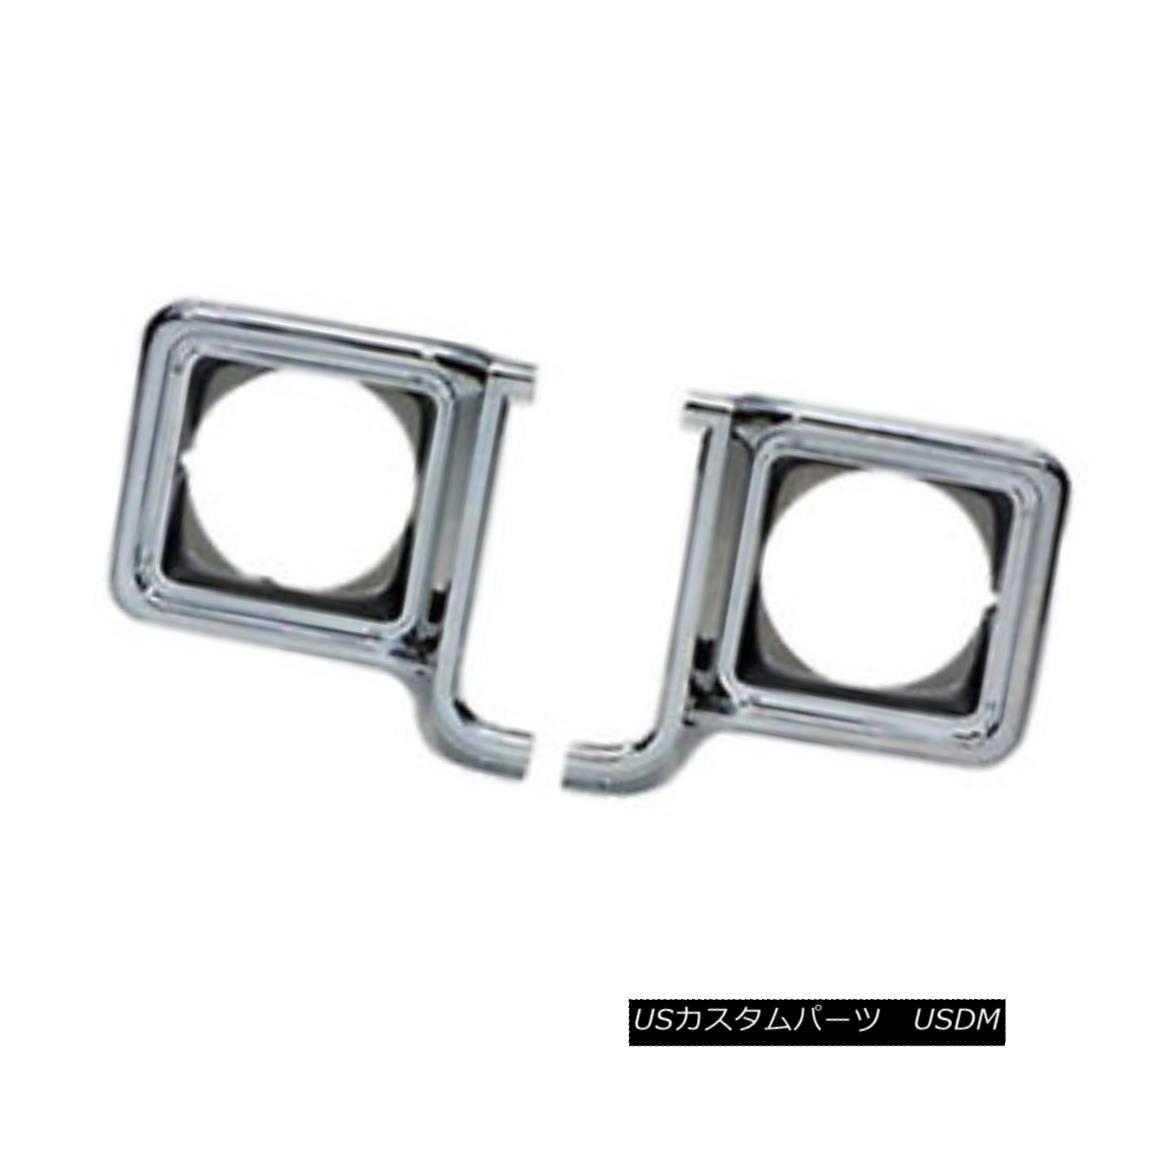 グリル New Replacement Headlight Door Chrome & Silver Passenger Side 630-00840R 新しい交換ヘッドライトドアクローム& シルバー旅客側630-00840R